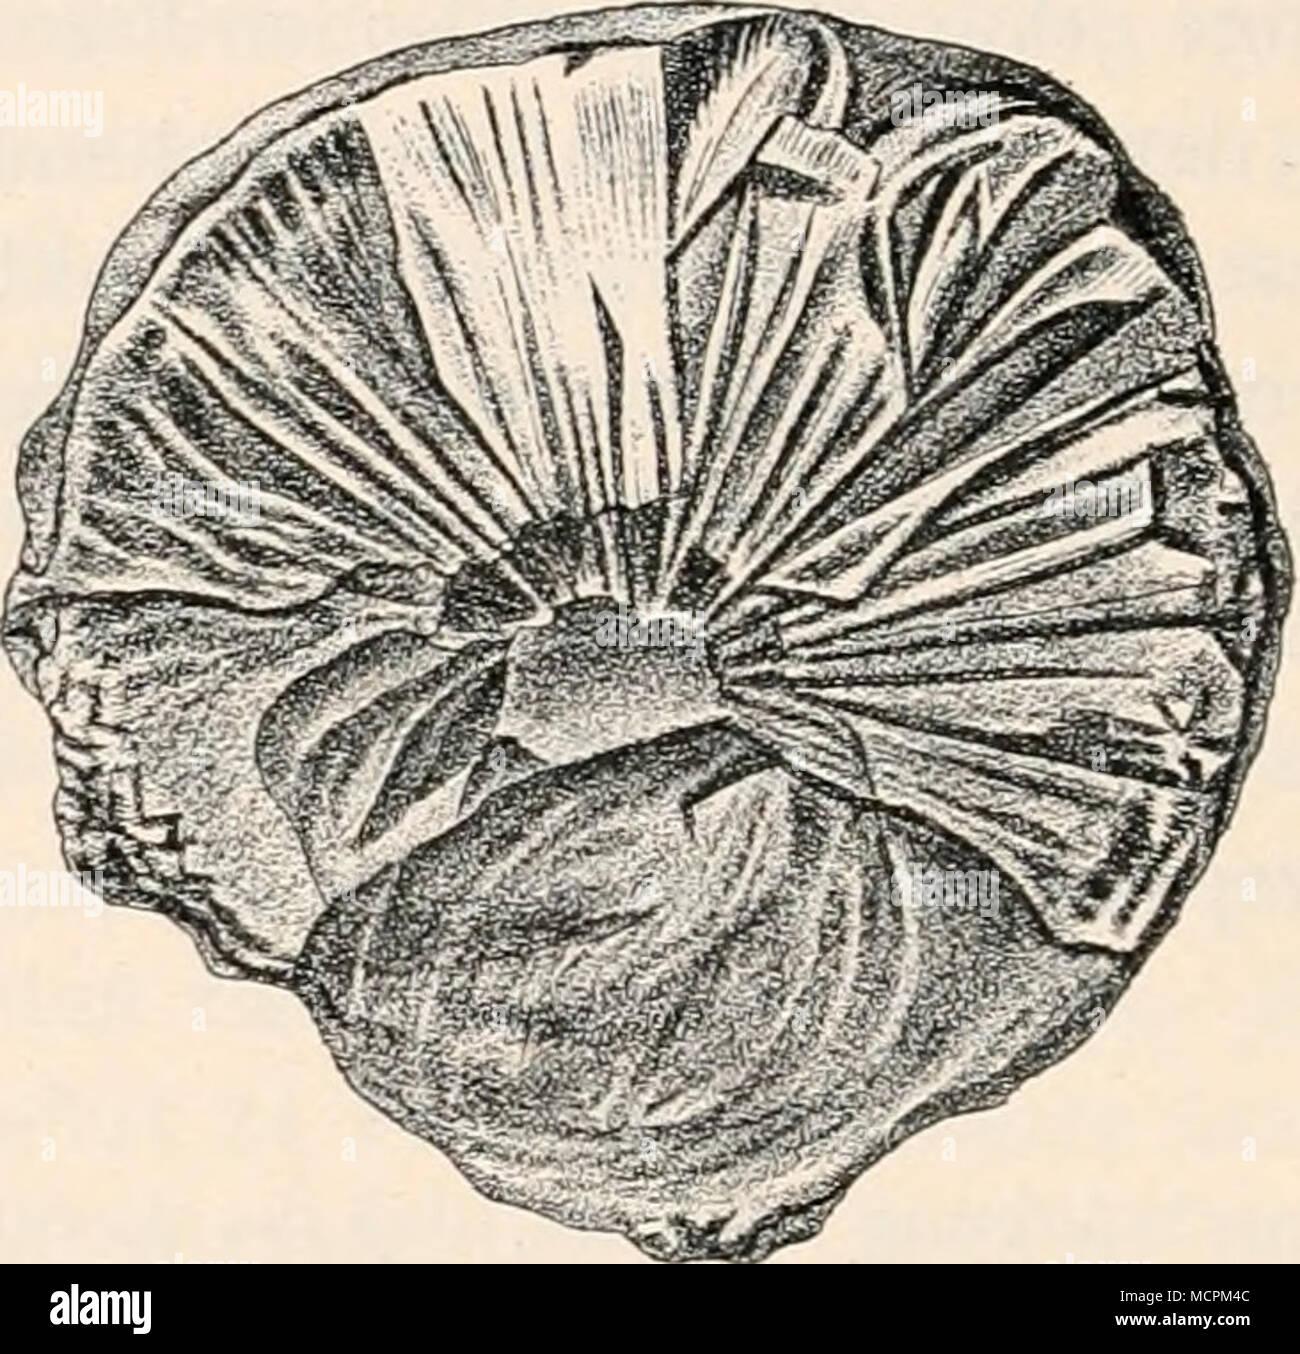 . Fig. 10. Vergrößerung 2 mal. Bruchfläche eines Gummistückes einer Sorte von Somaligummi mit strahligem Gefüge. (Aus der Sammlung des bot. Museums in Berlin.) in dem Paragraphen: Geschichtliches über das arabische Gummi) und wird auch gegenwärtig in großen Quantitäten gesammelt. Die Gummi- gewinnung wird im Somalilande durch Anschnitt unterstützt und soll unterhalb der Schnittwunde eine Bastbinde angelegt werden, an welcher 1) Im Somalilande, wo die verschiedensten Gummi und Gummiharze gekaut werden, unterscheiden die Bewohner nur süßes und bitteres Gummi; zu dem ersteren zählen arabisches Gu - Stock Image